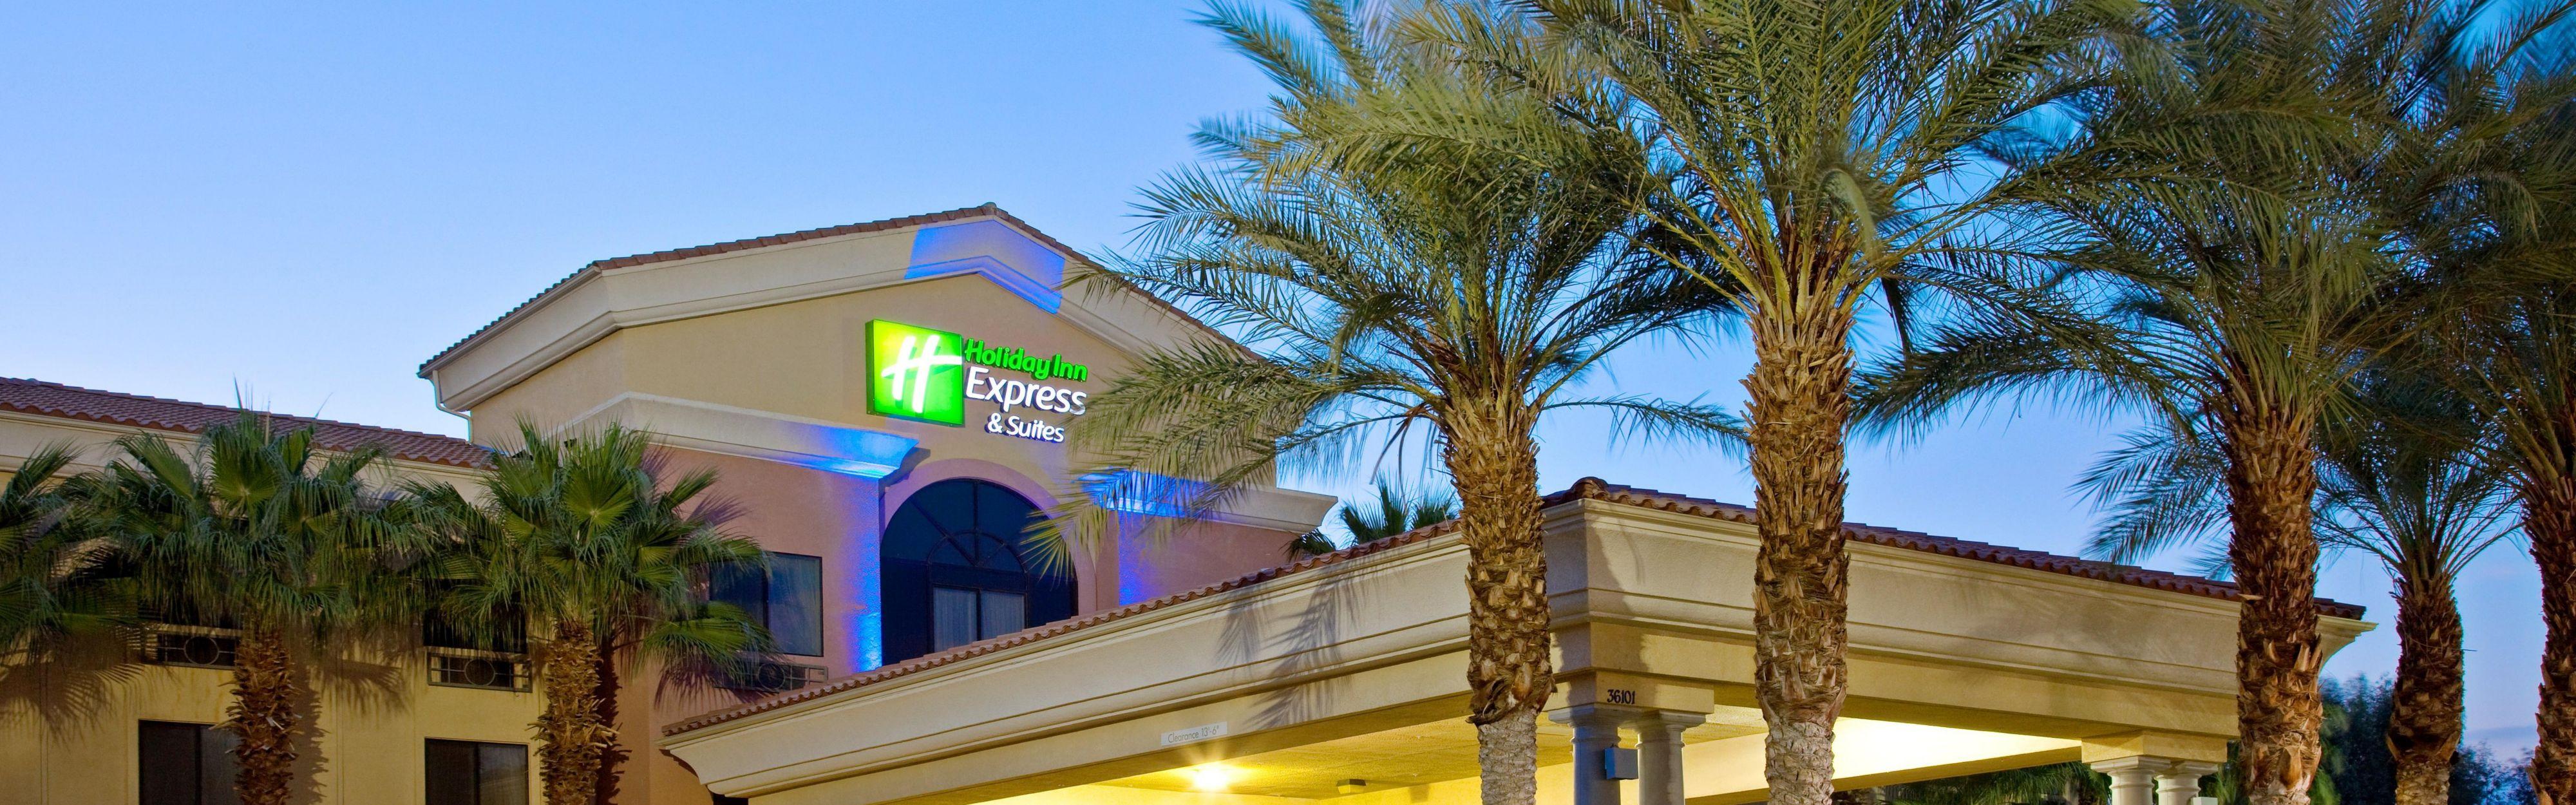 ... Palm Springs  Exterior; Hotel Exterior; Hotel Exterior Entrance ...